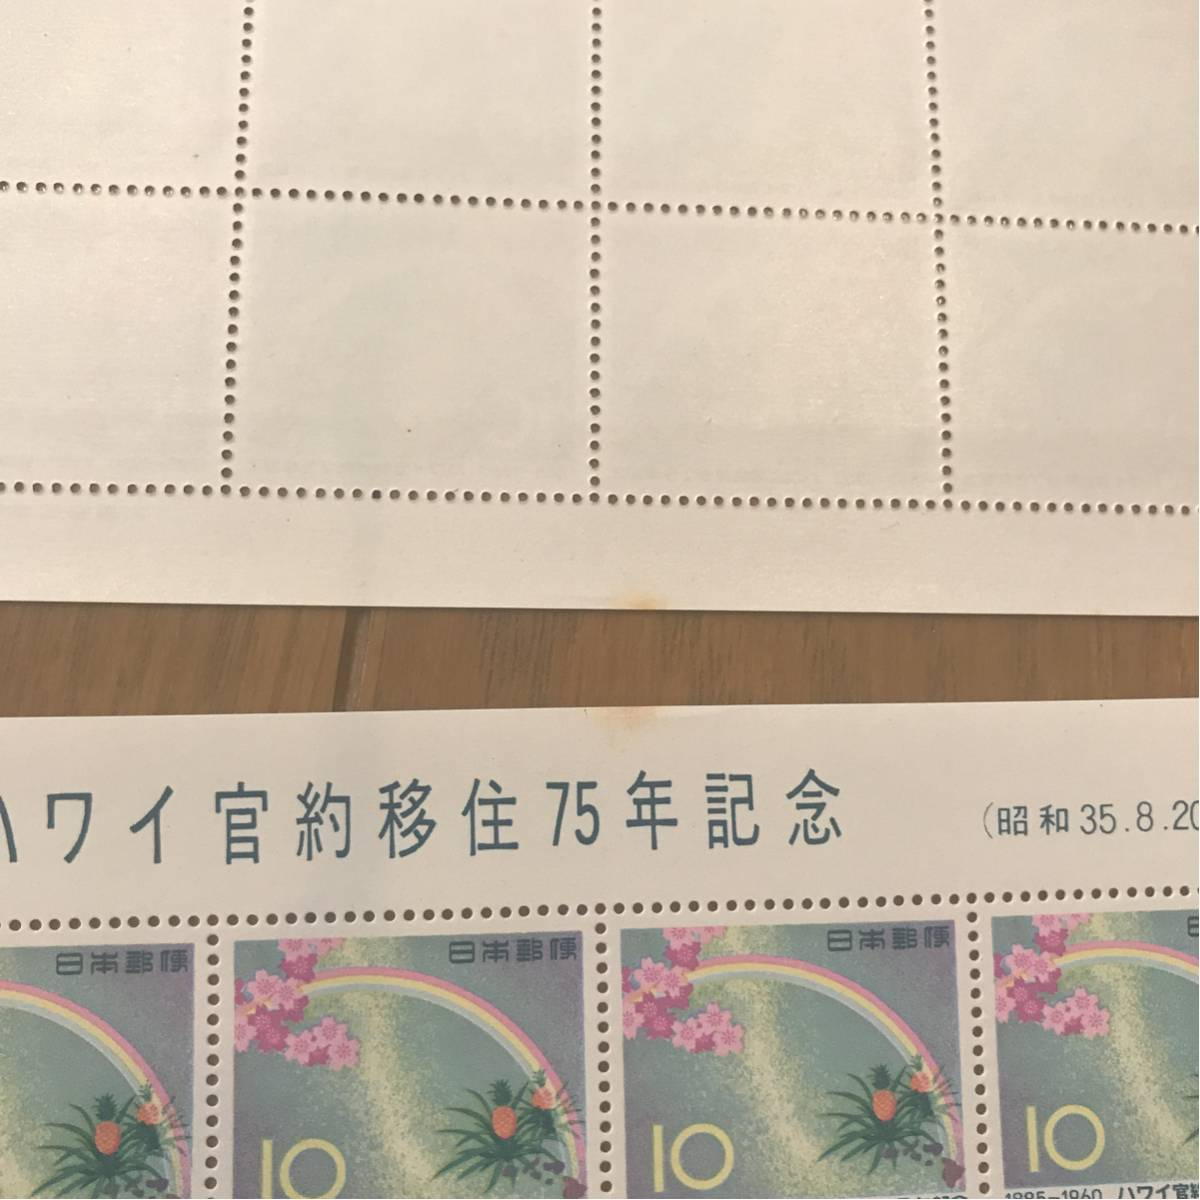 43☆10円切手シート10枚☆2000円分☆ハワイ官約移住75年記念☆_画像3